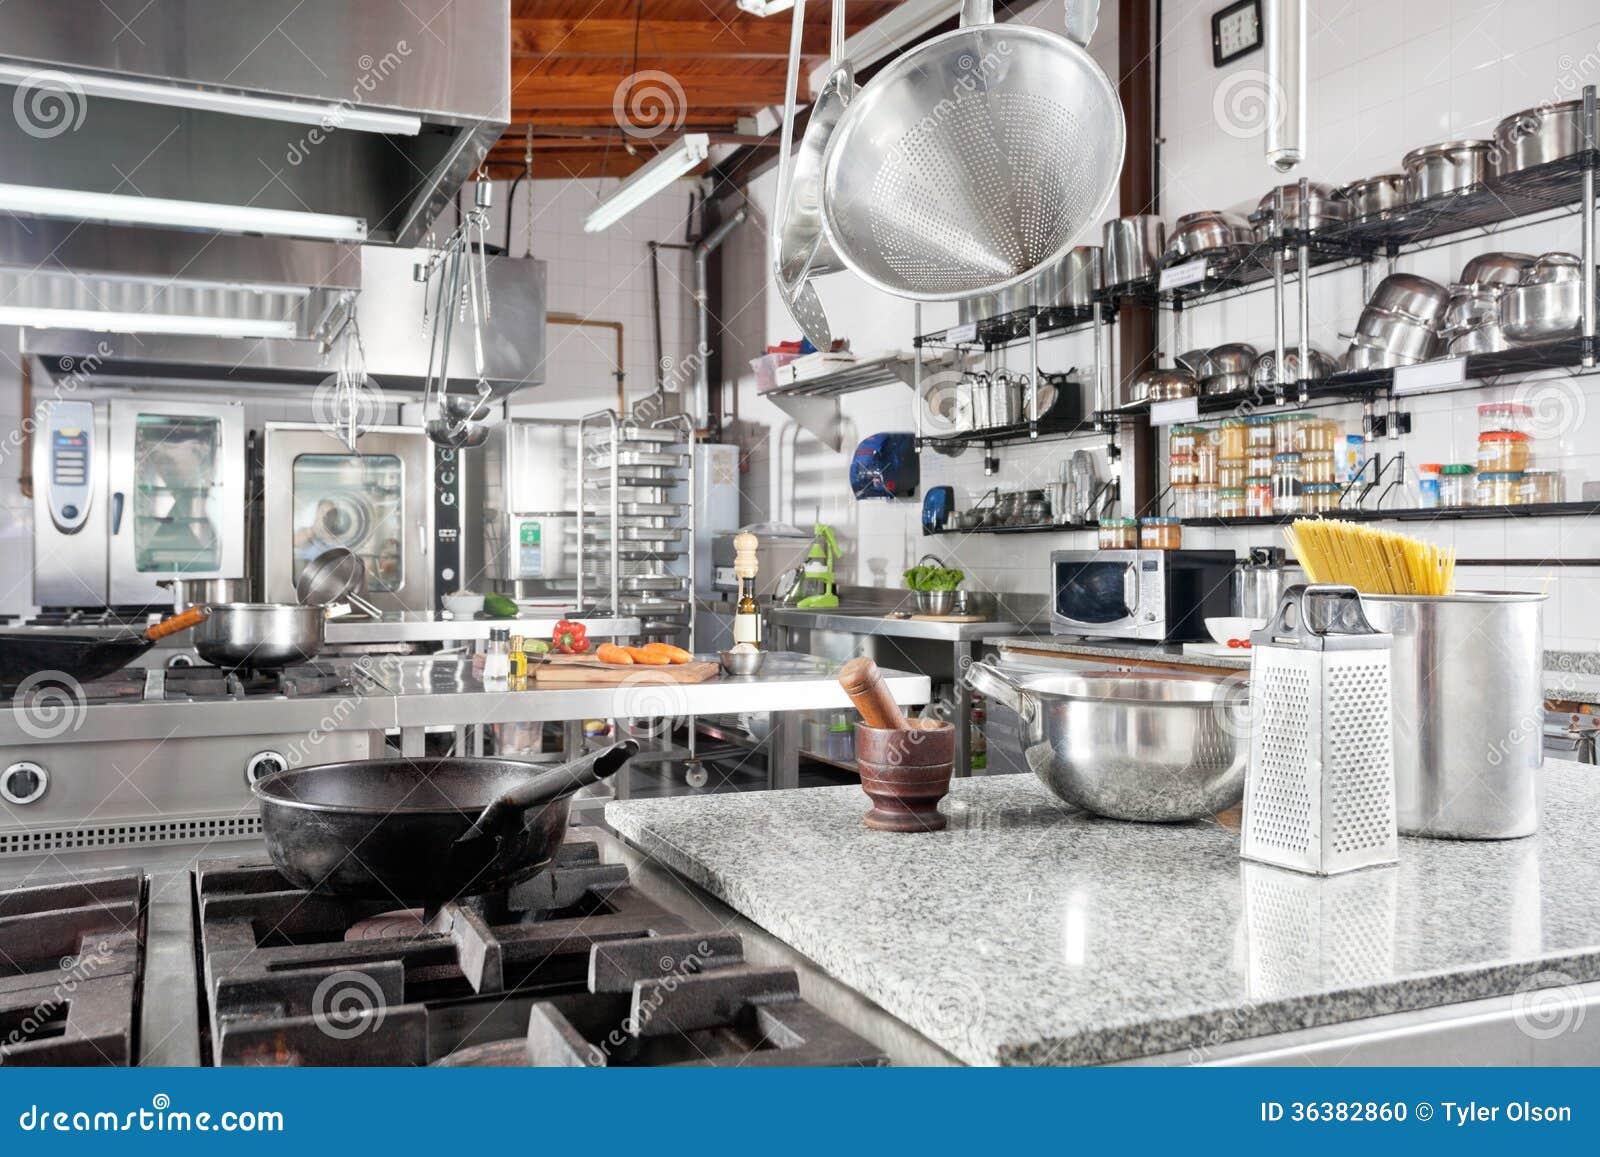 Ustensiles sur le compteur dans la cuisine commerciale